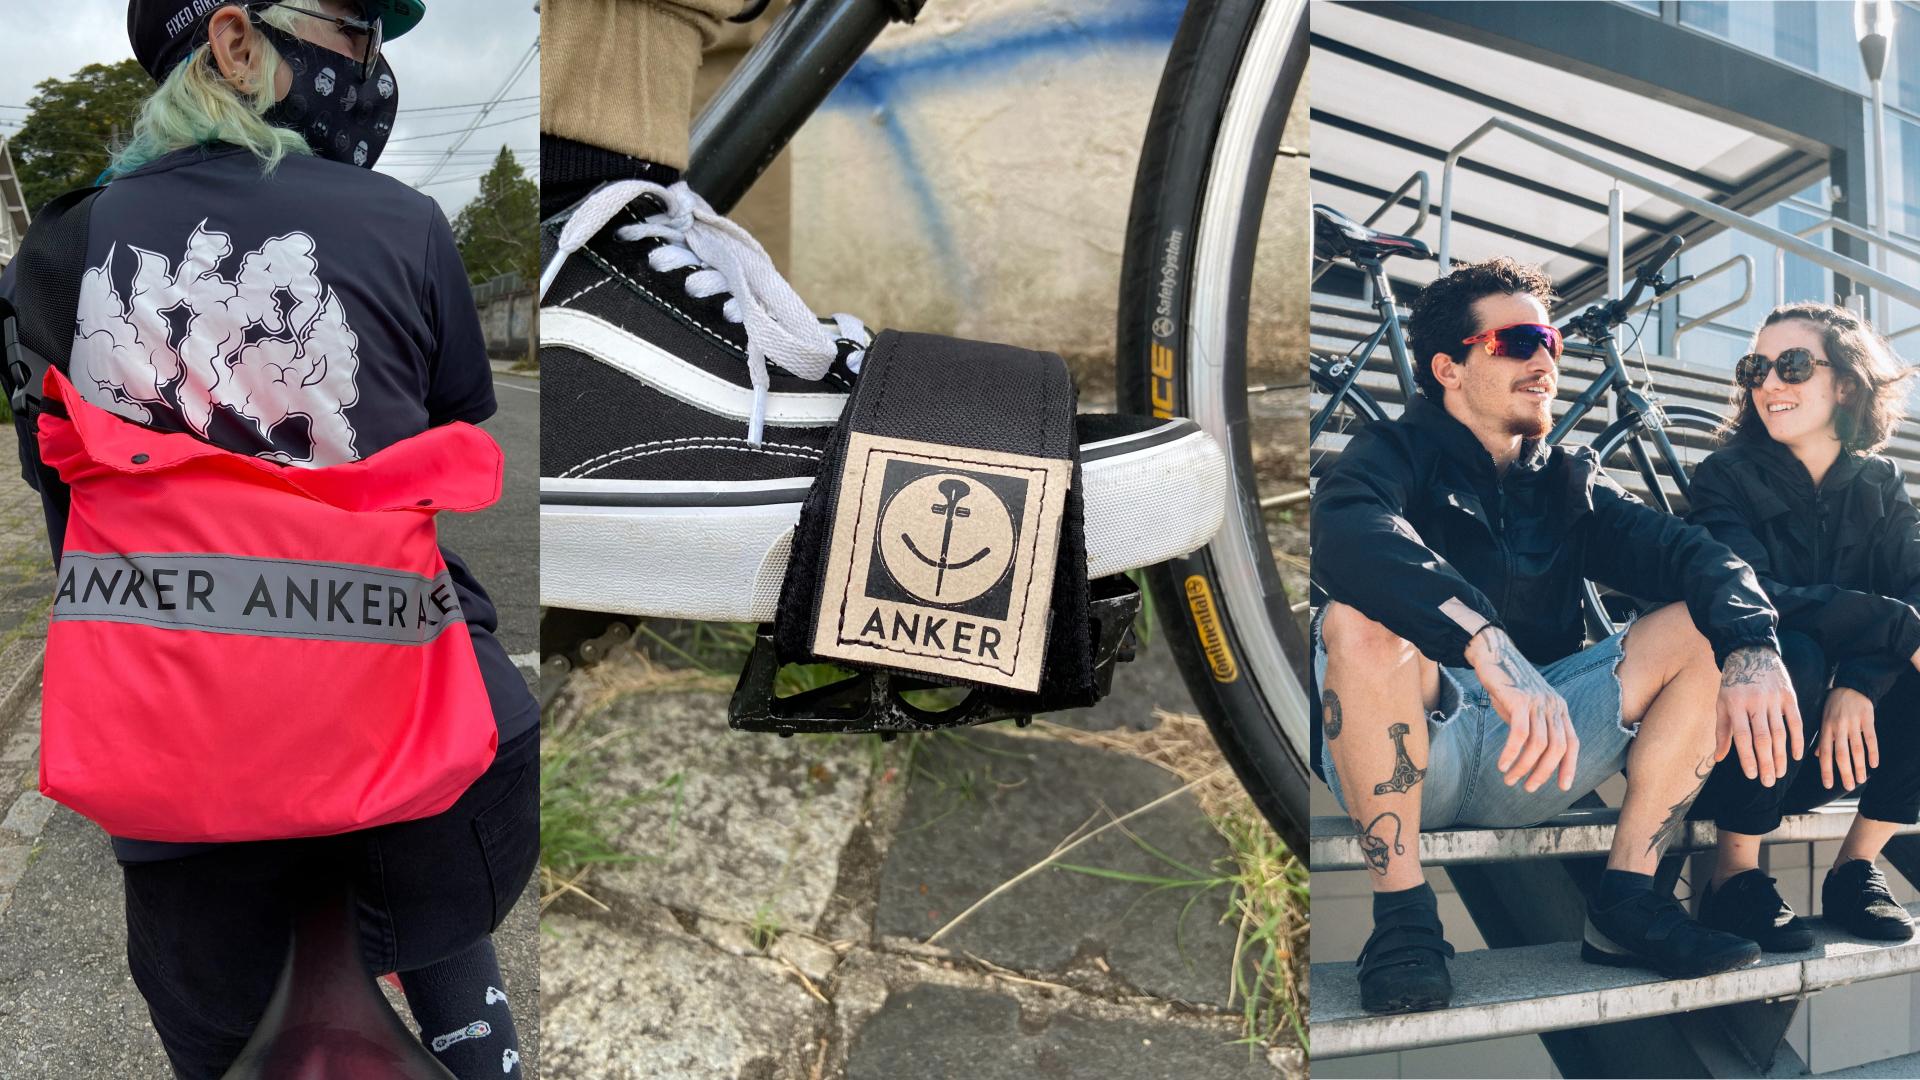 Quem procura jaquetas corta-vento, meias, pochetes, firma-pés coloridos e outros modelos de mochila e bolsas de guidão, precisa conhecer a Anker Straps